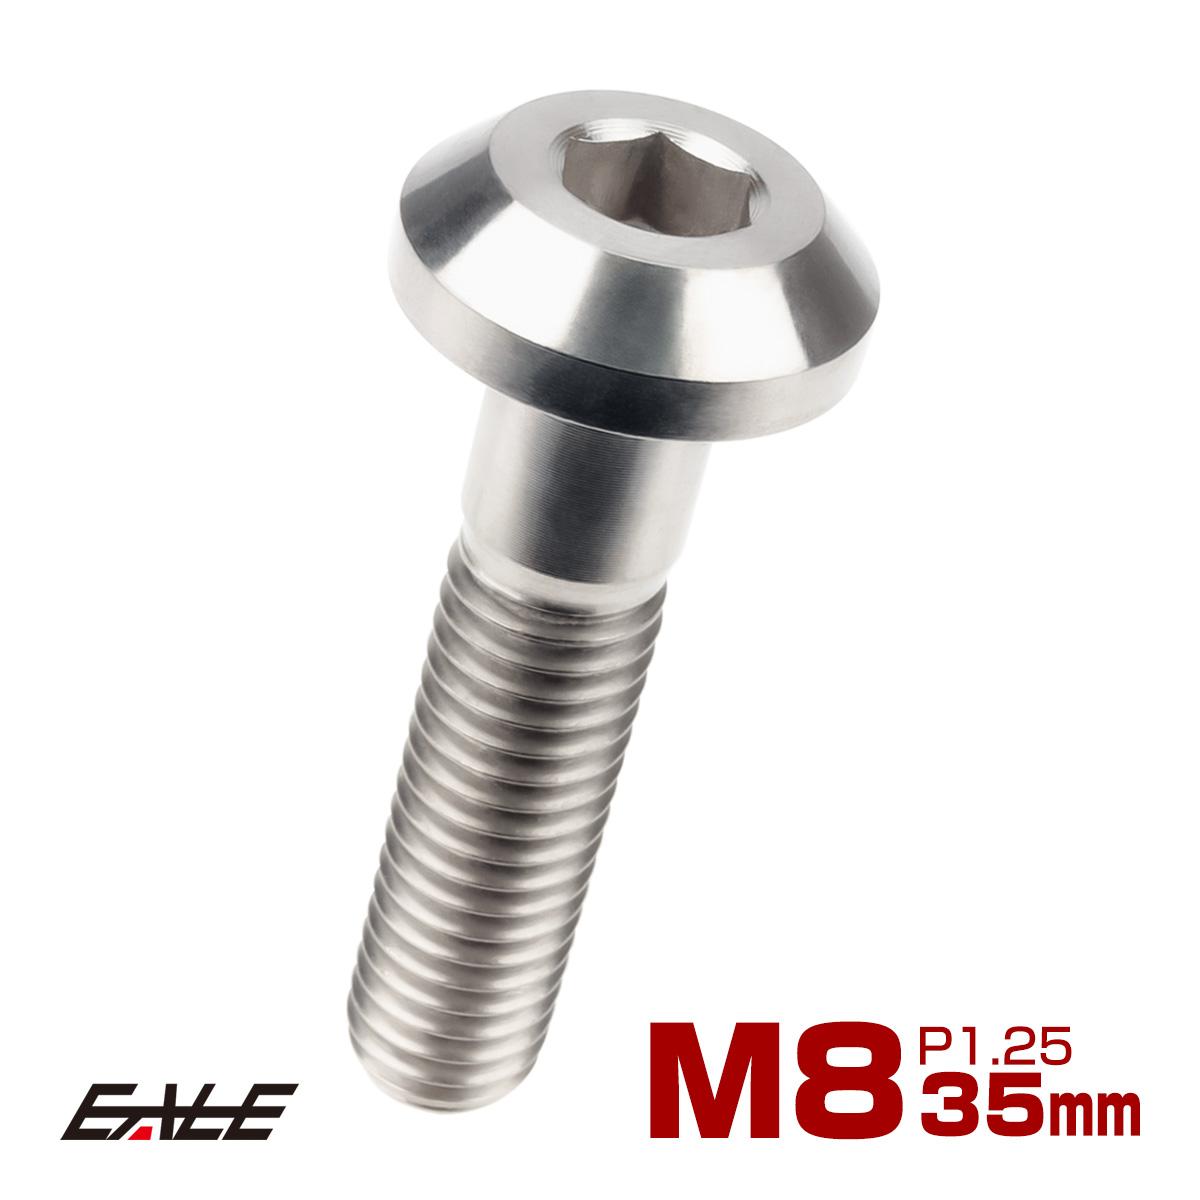 【ネコポス可】 64チタン製 ボタンボルト M8×35mm P1.25 六角穴 テーパーヘッド カスタムボルト シルバー チタン原色 JA757